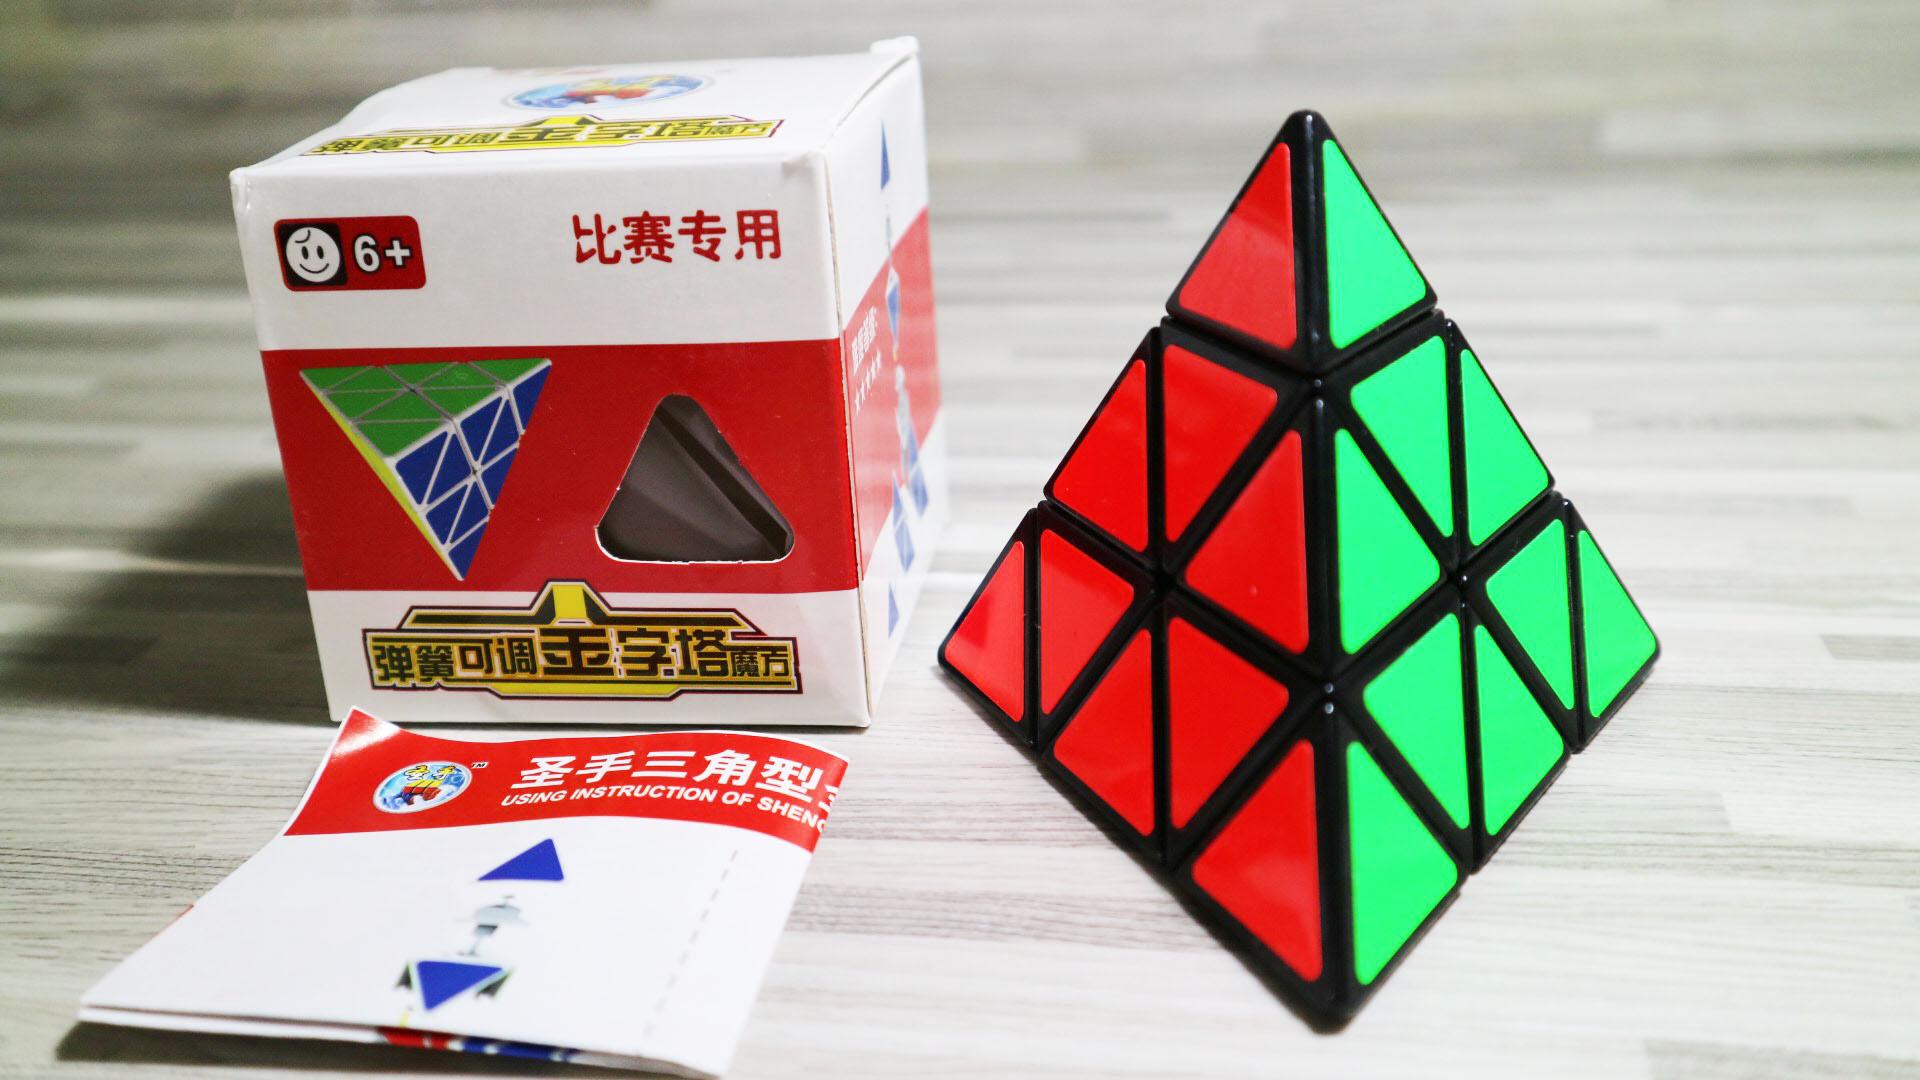 รููบิคทรงสามเหลี่ยม